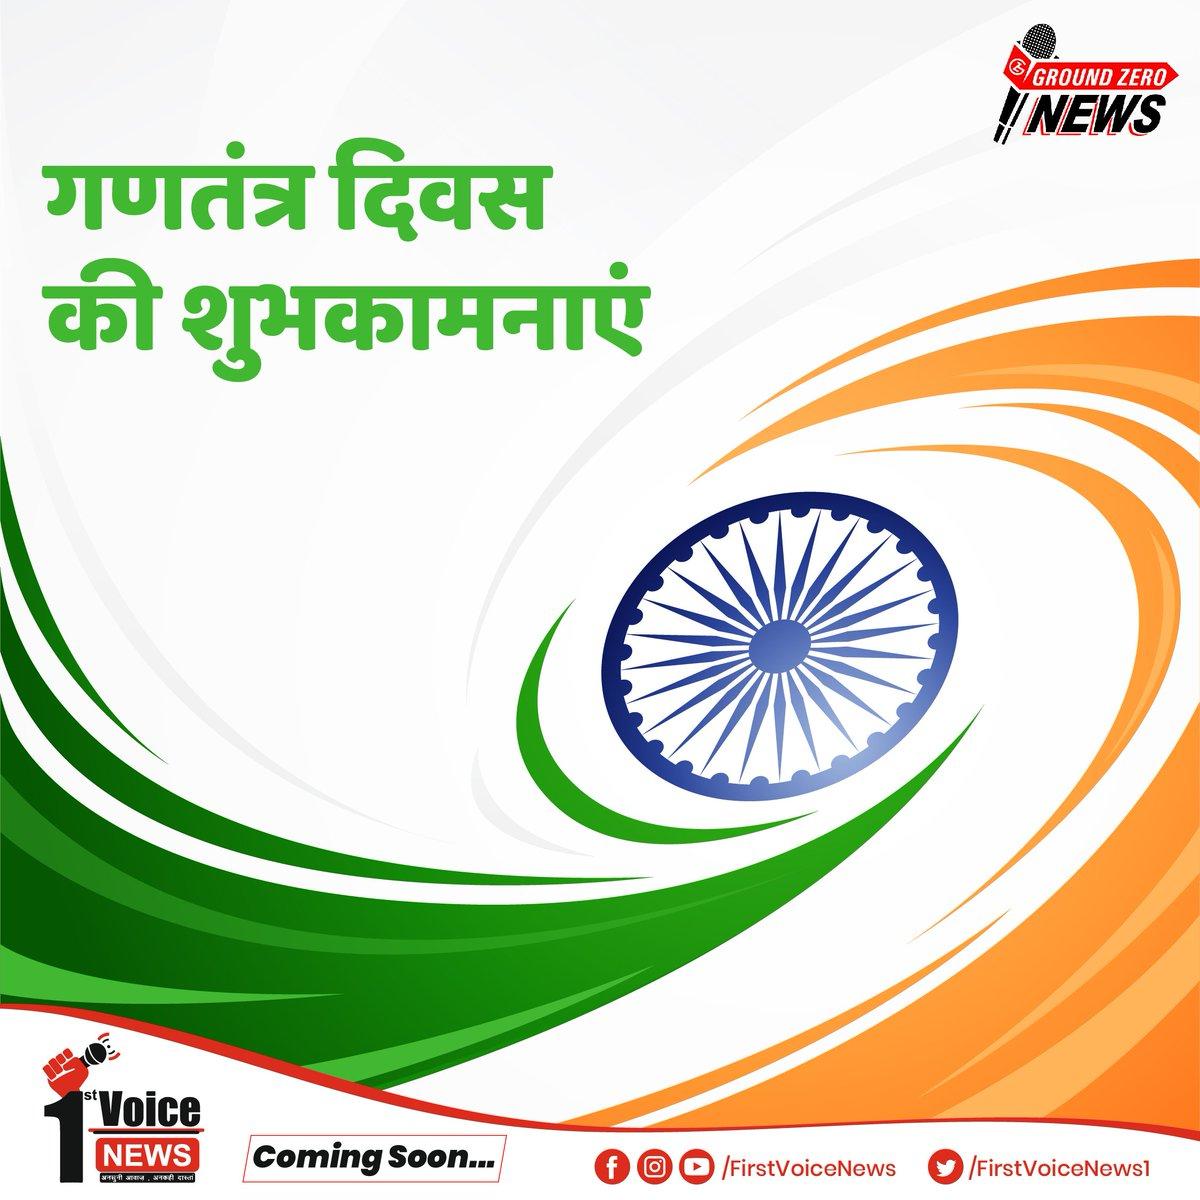 ...ये शान तिरंगा है, अरमान तिरंगा है, अभिमान तिरंगा है. गणतंत्र दिवस की बधाई #HappyRepublicDay2019 #गणतंत्रदिवस #RepublicDayIndia #70thRepublicDay https://t.co/EnI2ox8hJF